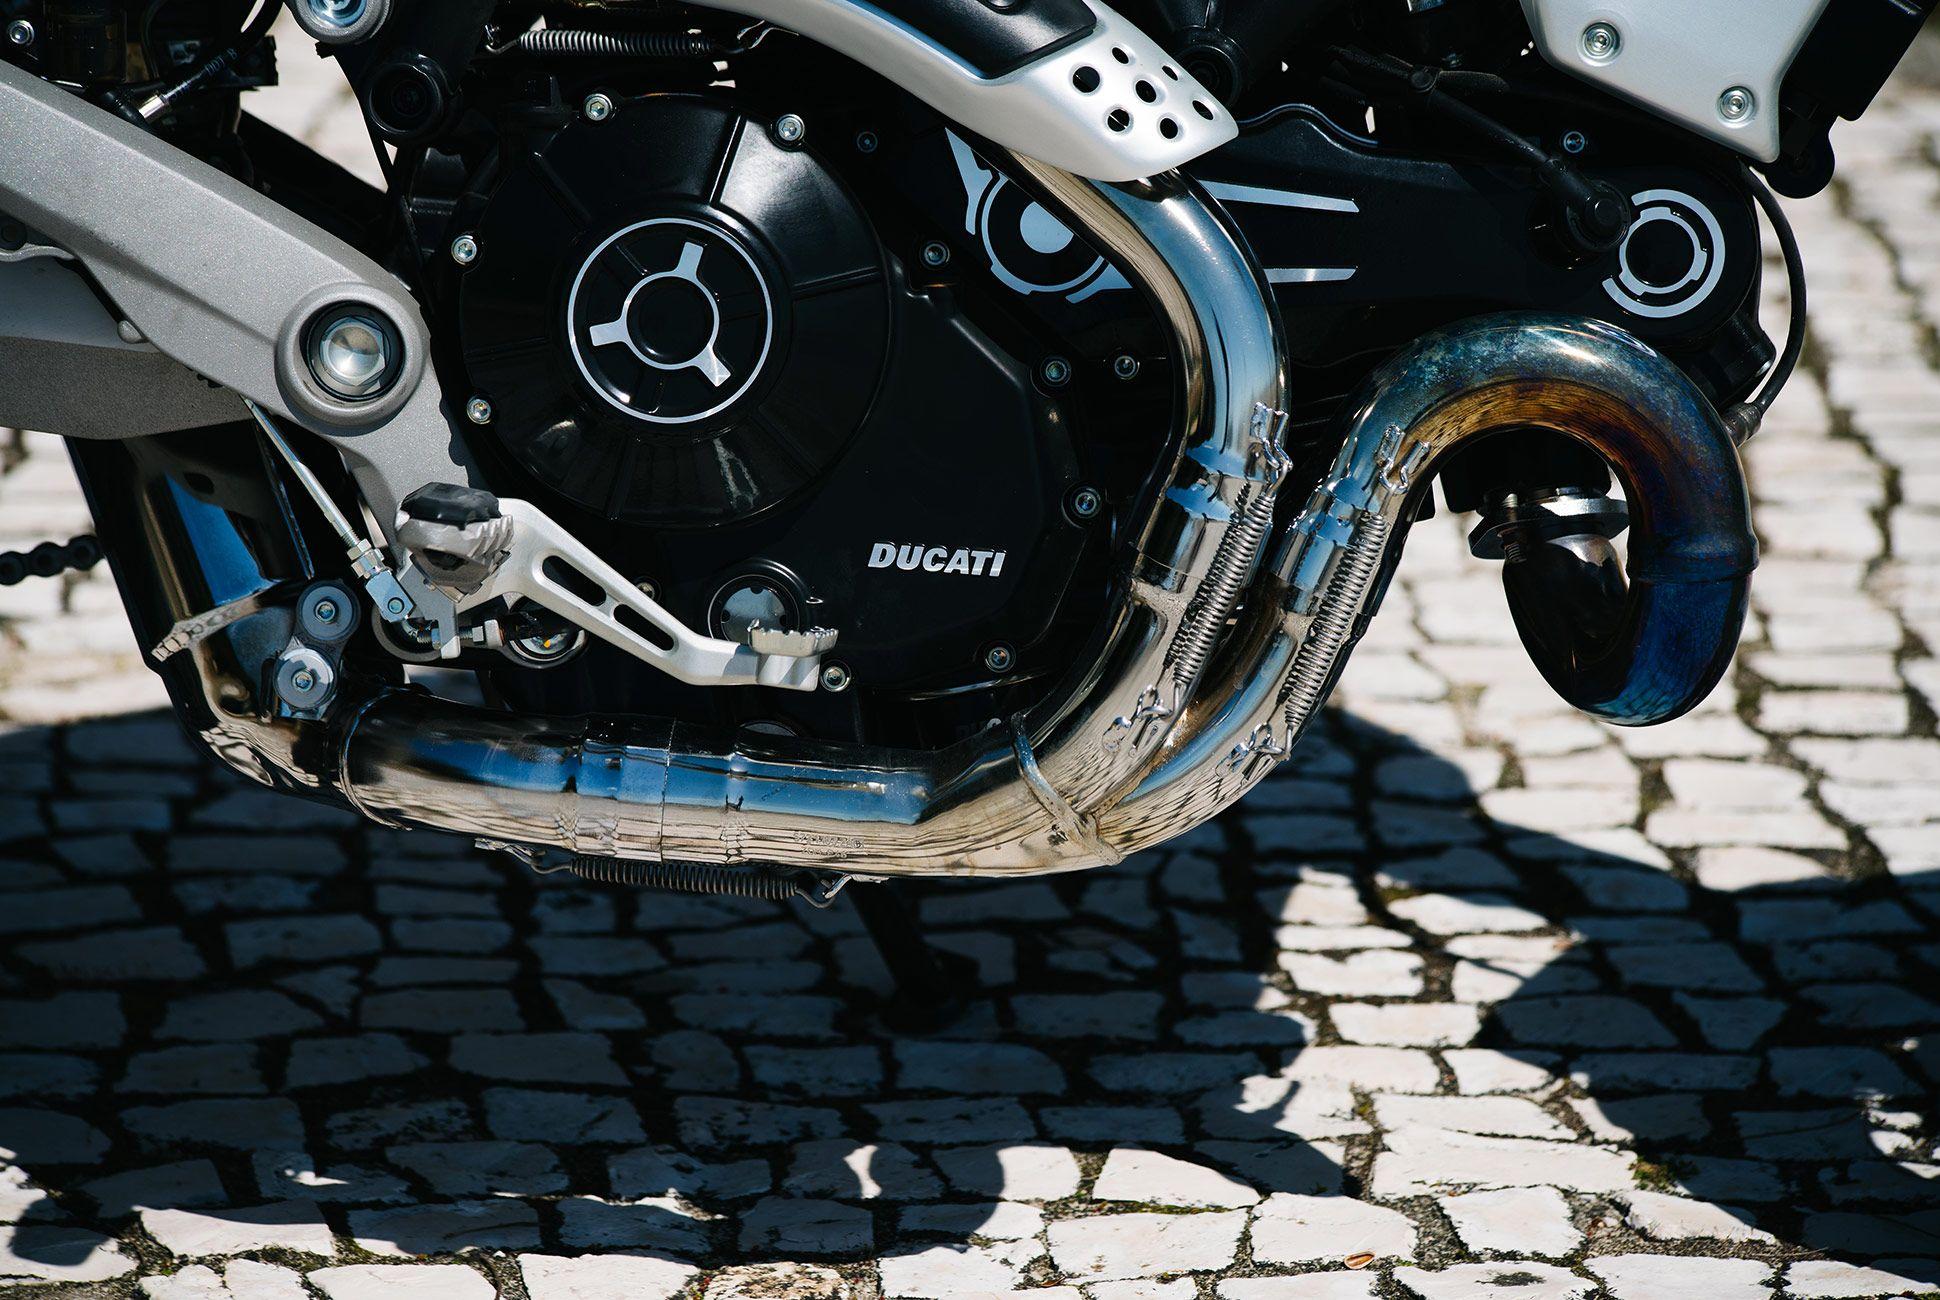 Ducati-Scrambler-1100-gear-patrol-slide-5